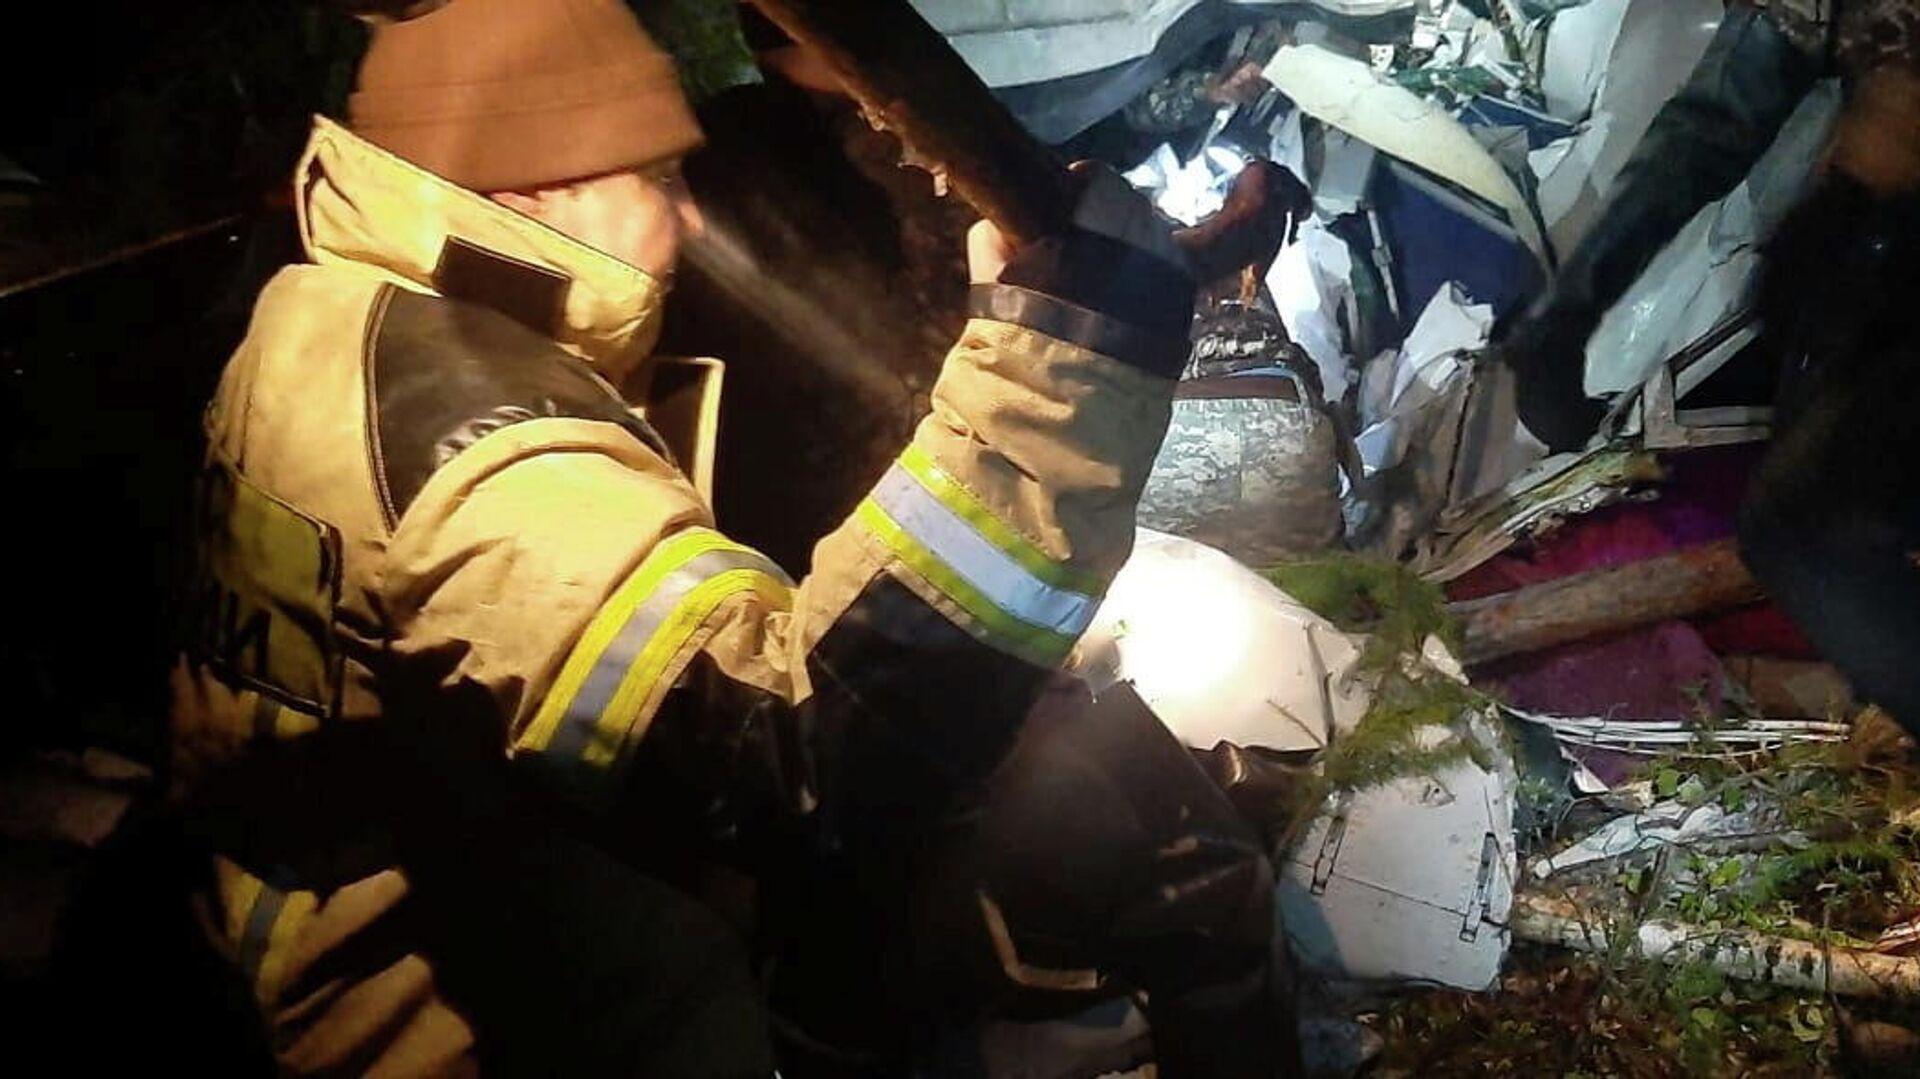 Especialistas en emergencias trabajan en el lugar del accidente de la aeronave L-410 cerca de la localidad de Kazáchinskoe, provincia de Irkutsk, Rusia, 13 de septiembre de 2021.  - Sputnik Mundo, 1920, 13.09.2021